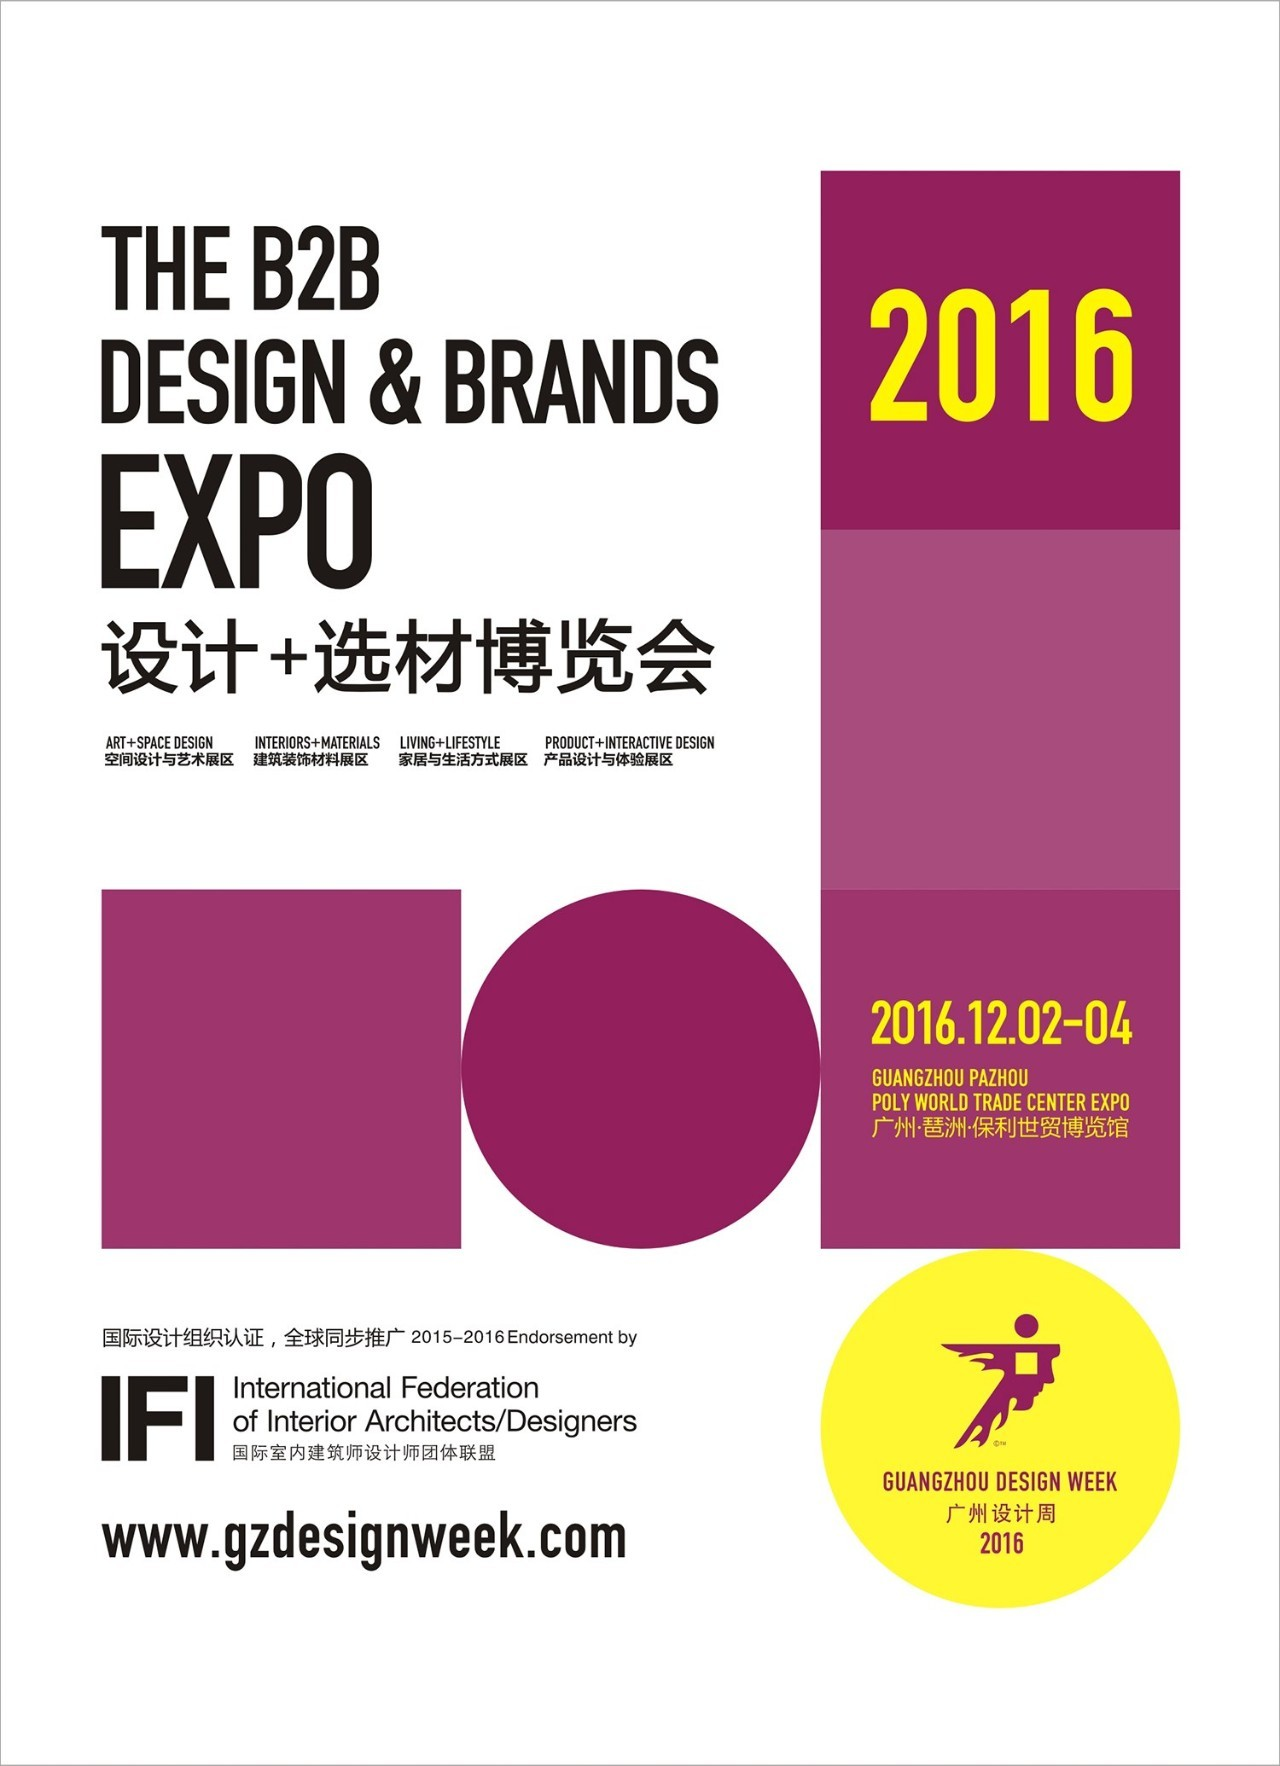 这些年,广州设计周令人惊艳的展位设计创意设计